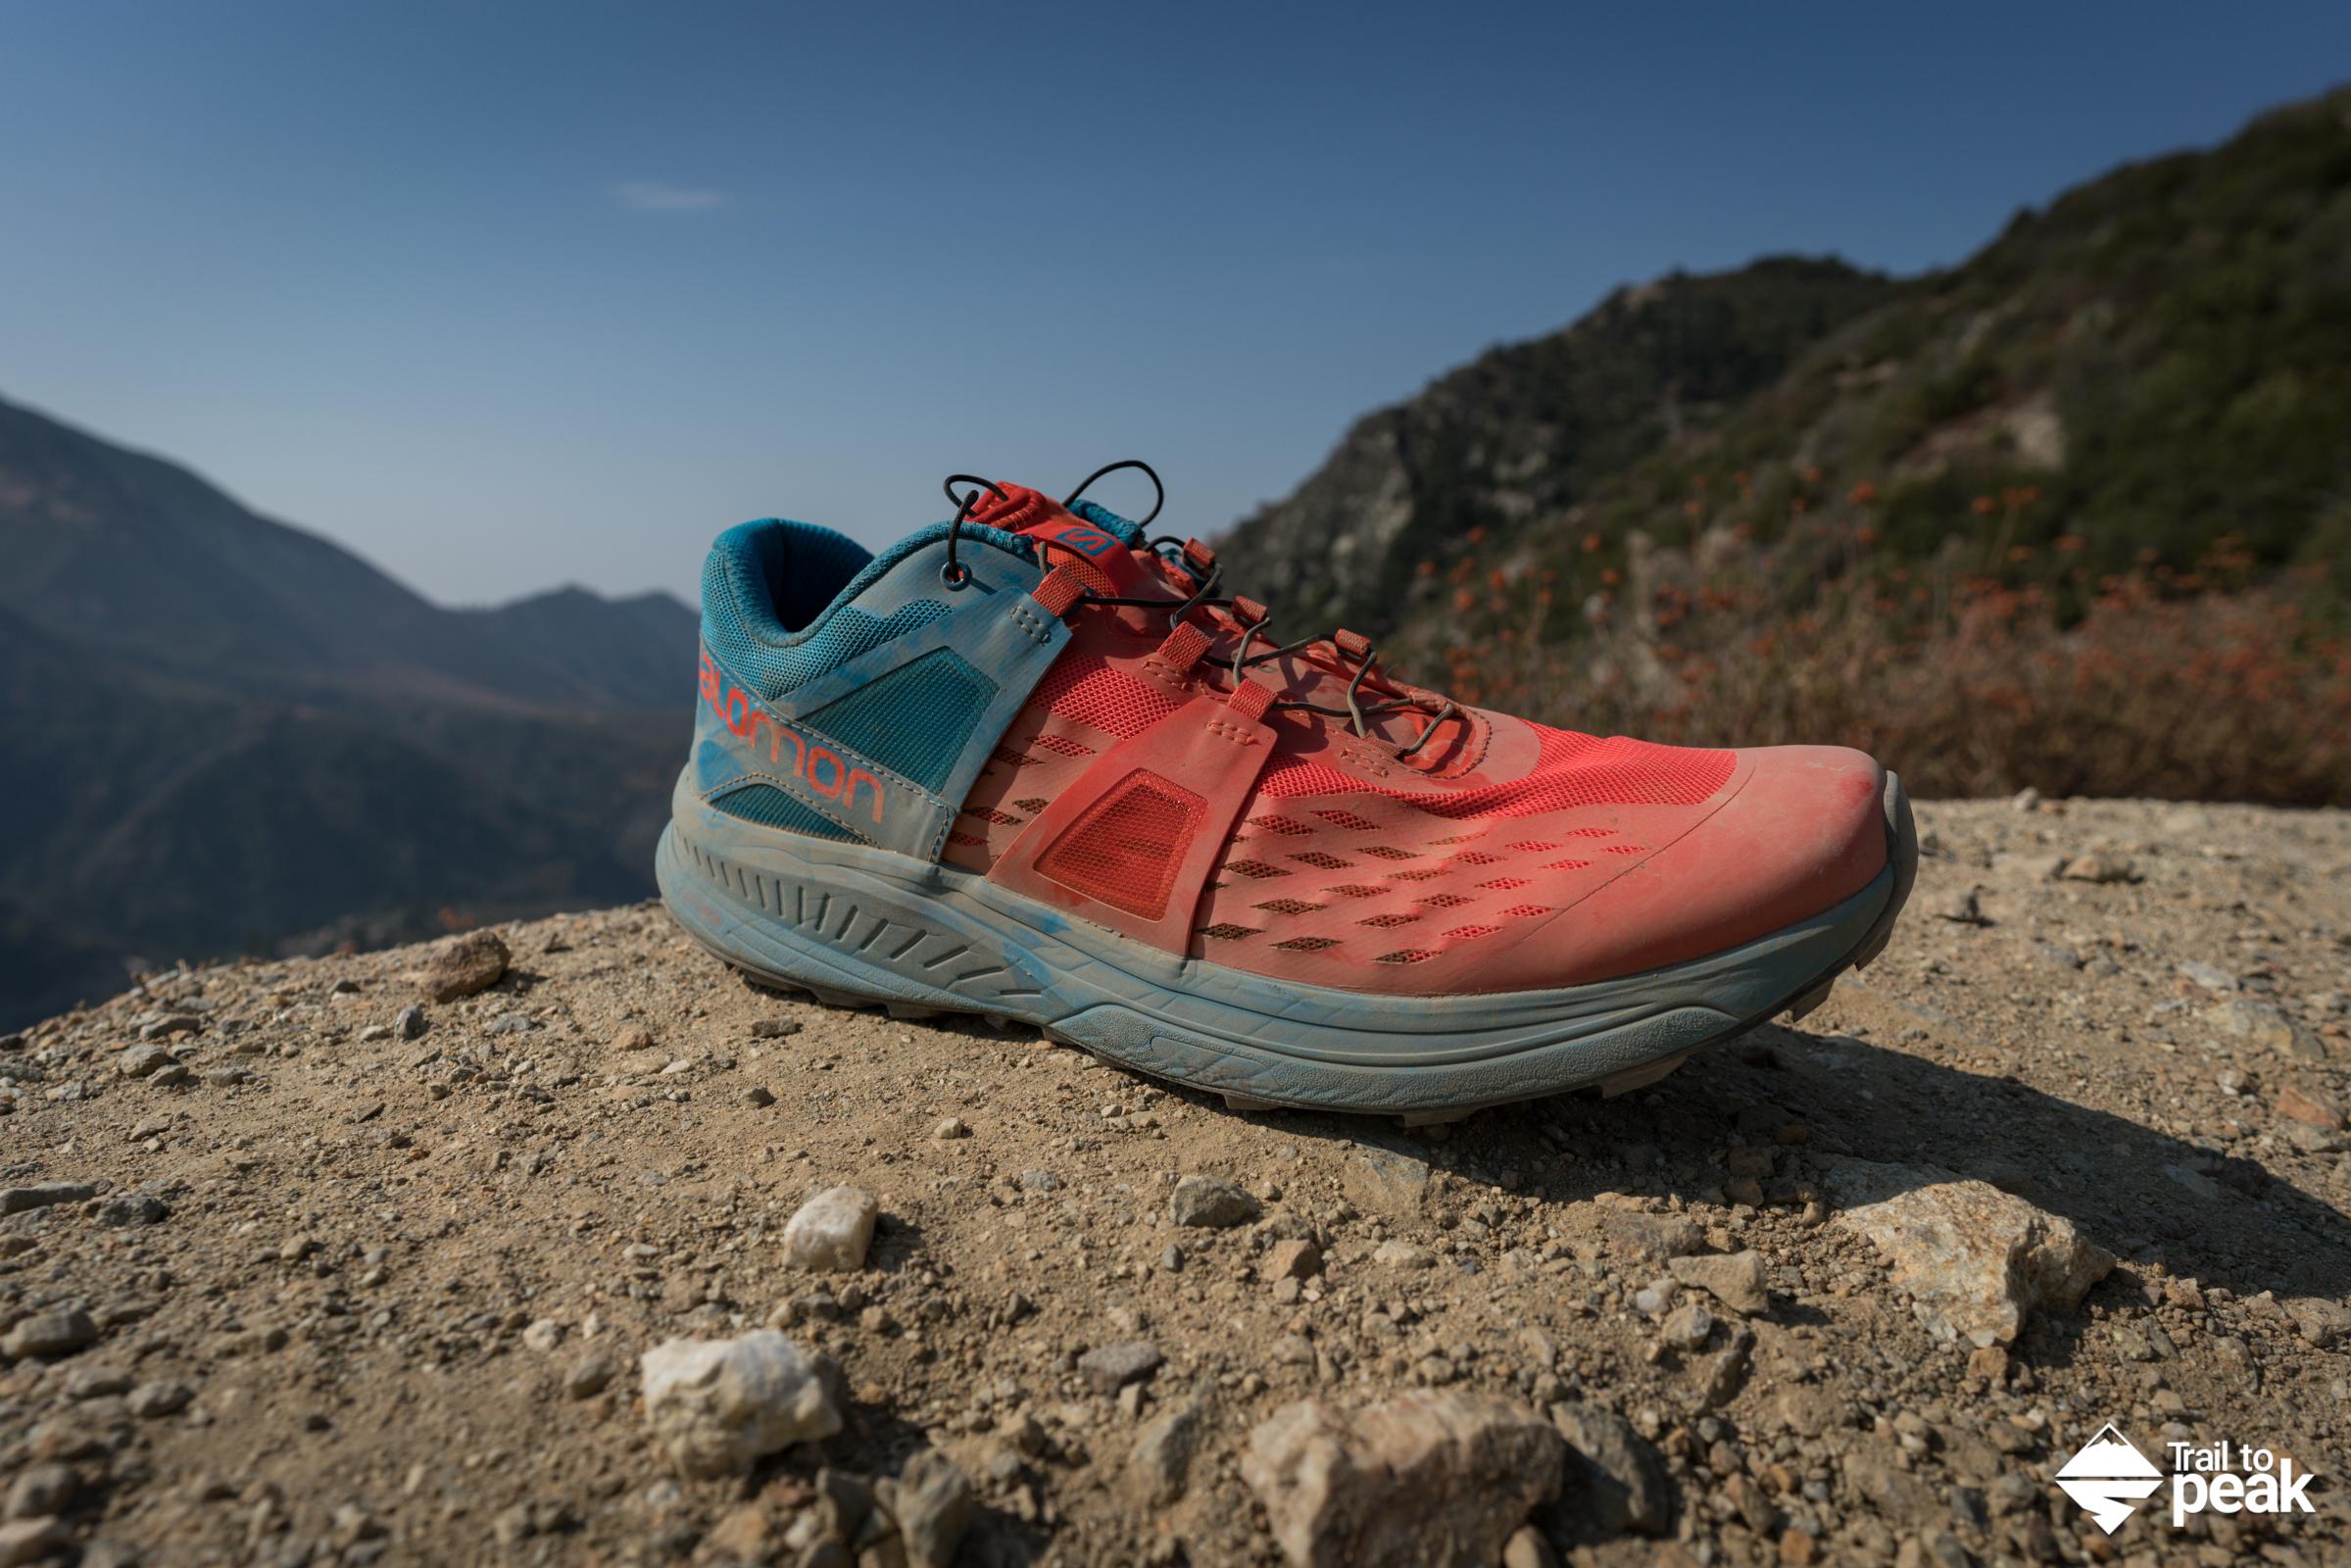 Ultra Sense Trail Gear Pro Shoe Review Salomon 4tqxaA